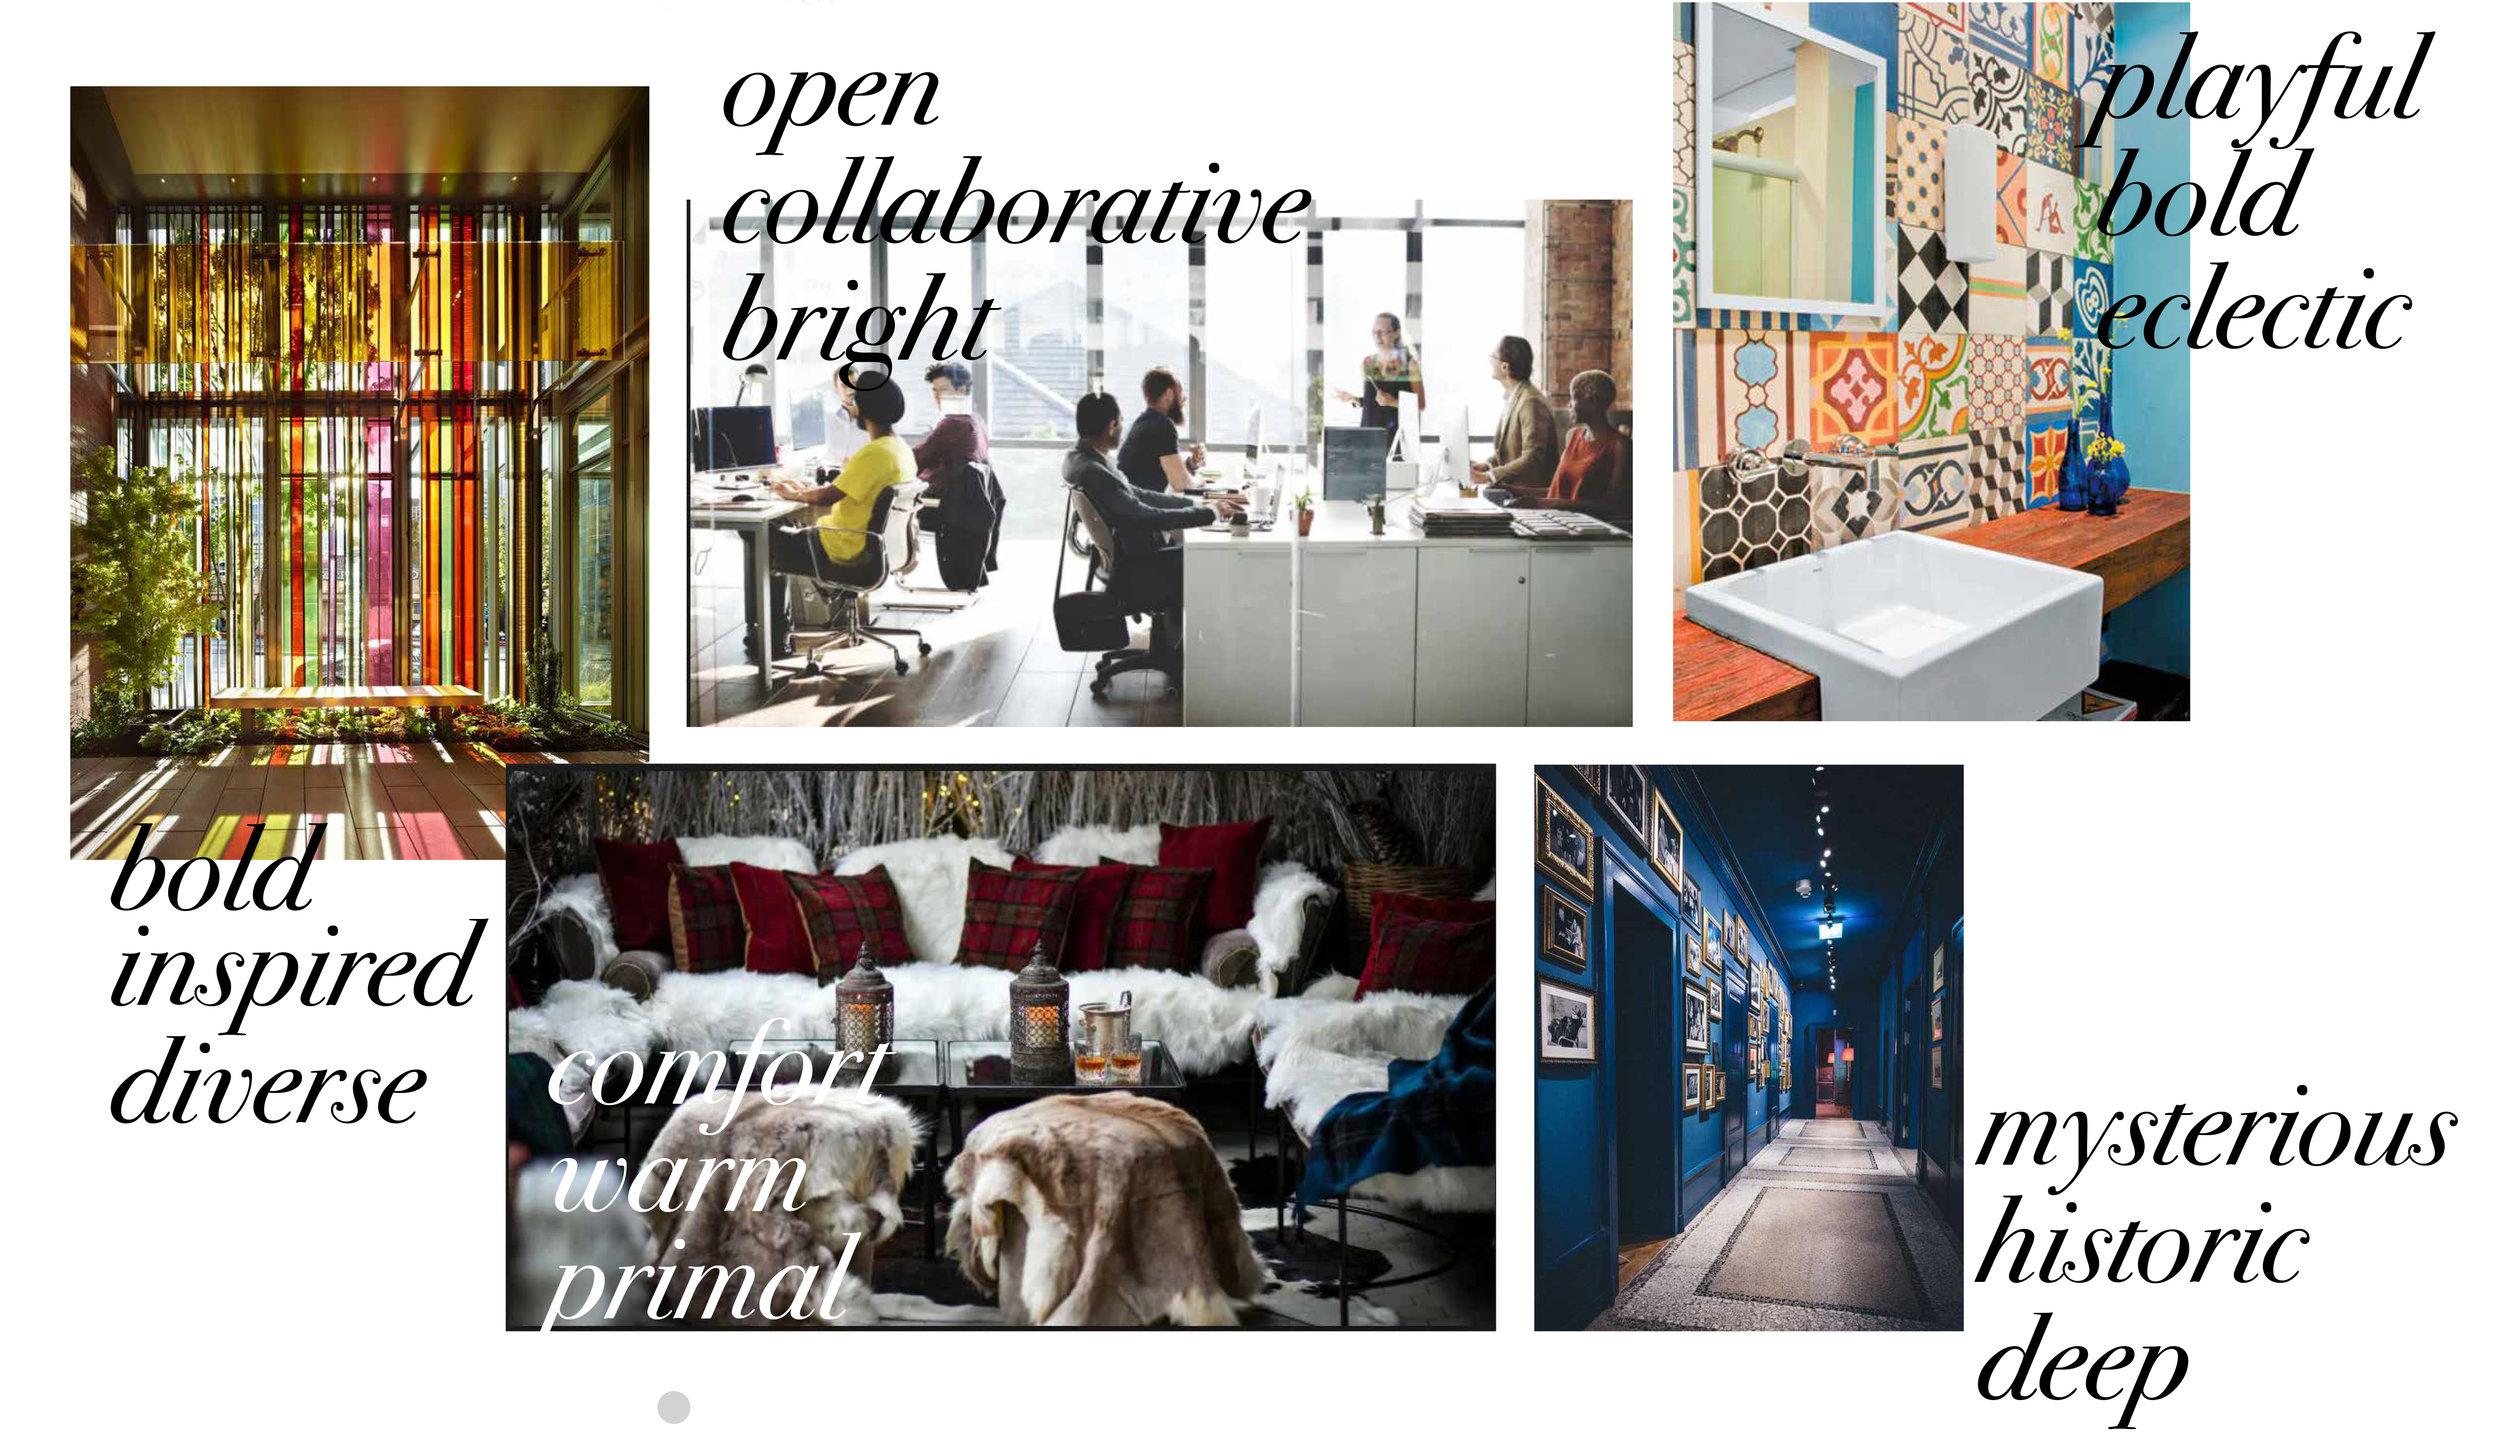 IlianaSergeev - RGD Skillsharing Branded Interiors-32.jpg